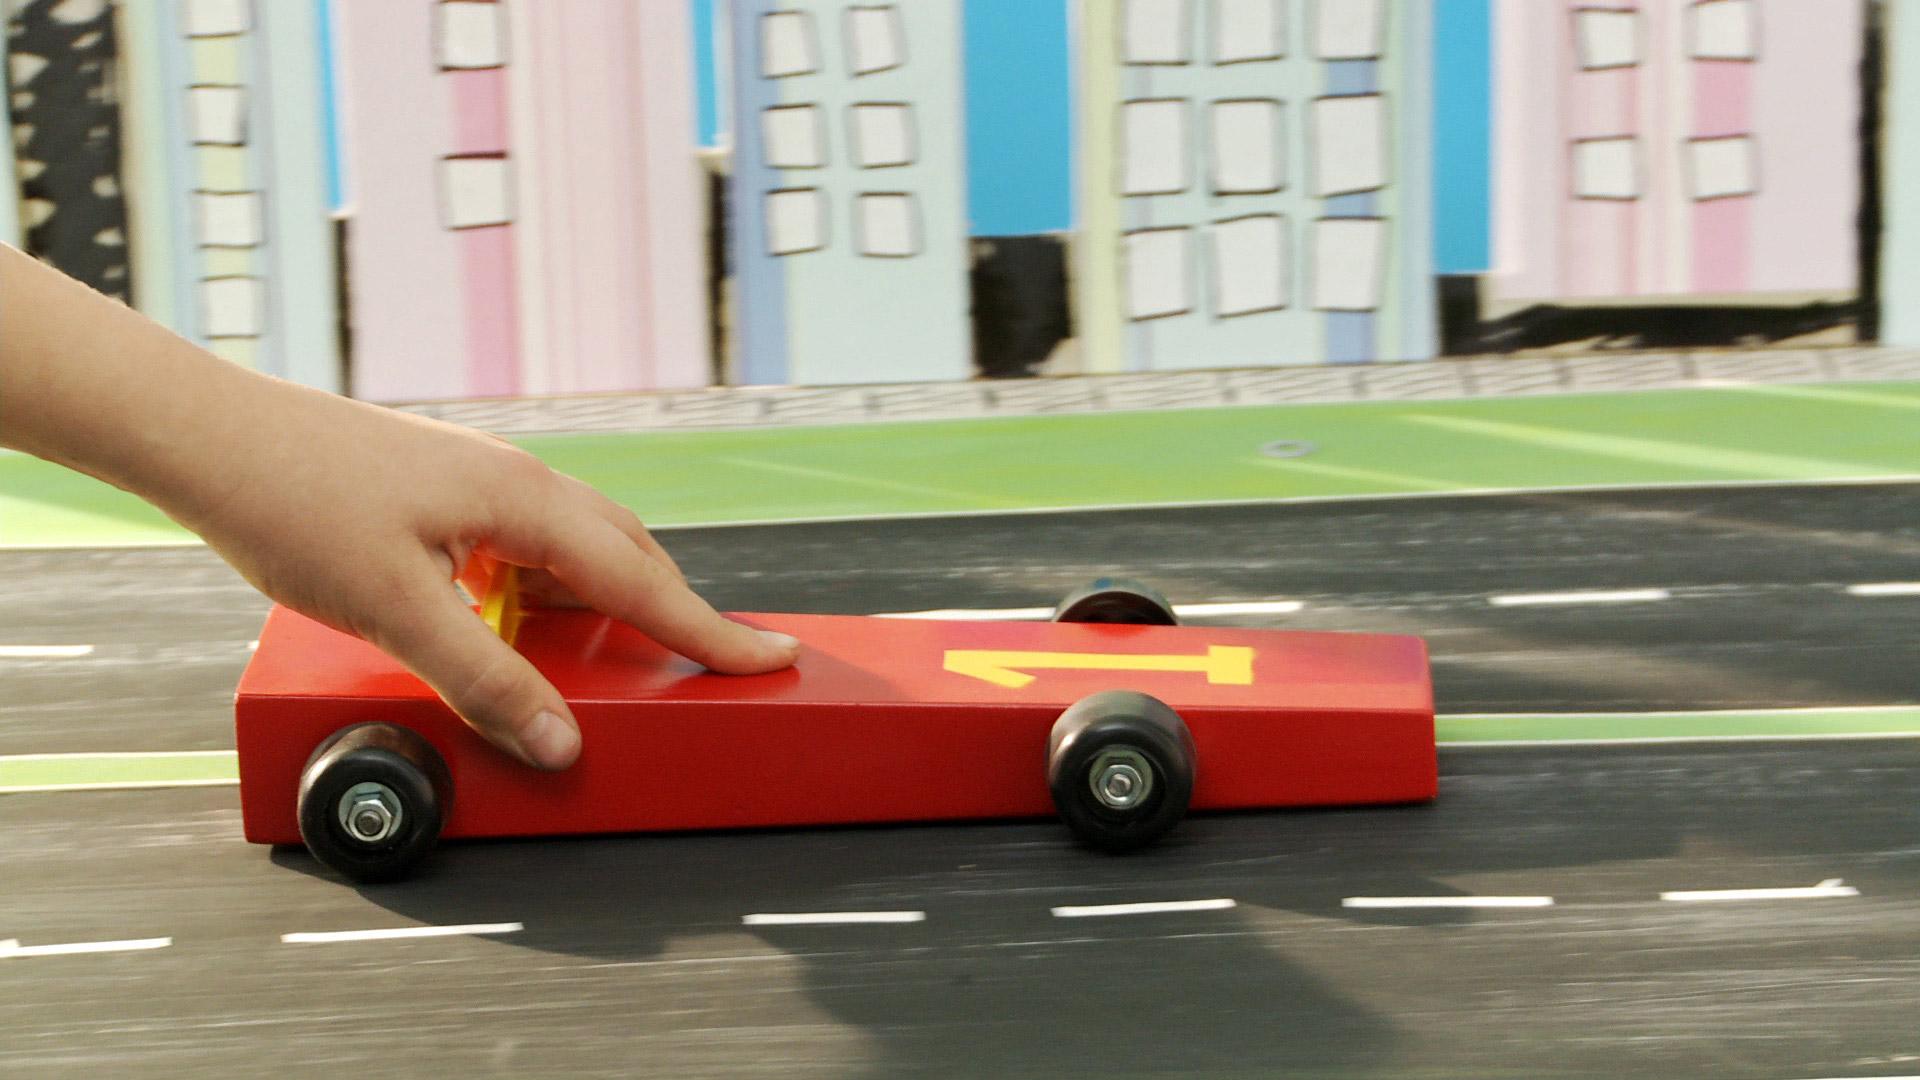 Un auto de carrera puede ser un juego o un objeto de colección y sin duda tendrá mayor valor si lo hacemos nosotros mismos. Por eso en este proyecto enseñaremos a construir un auto de madera, que tenga la forma aerodinámica de uno de carrera.